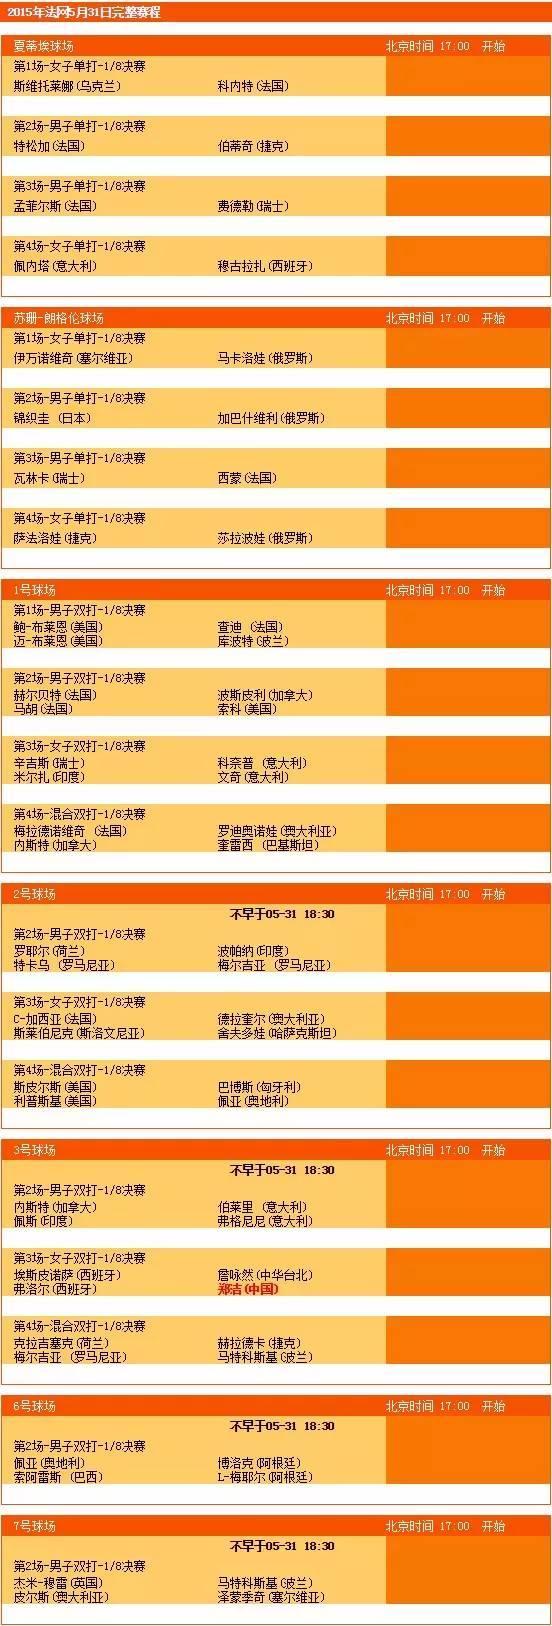 【5月31日】2015年法网第八天完整赛程